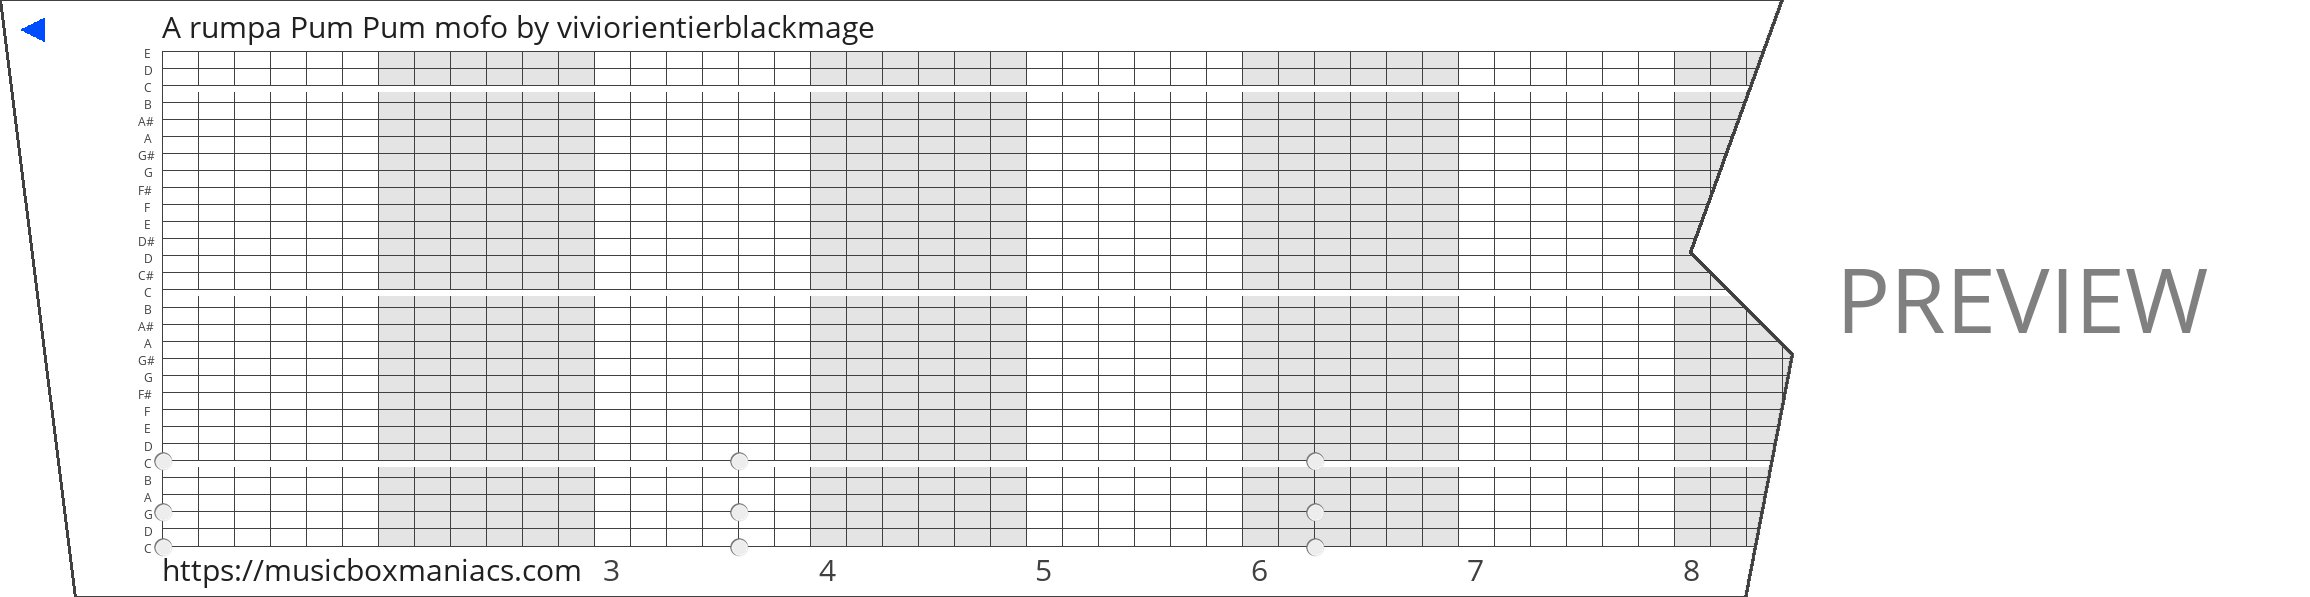 A rumpa Pum Pum mofo 30 note music box paper strip